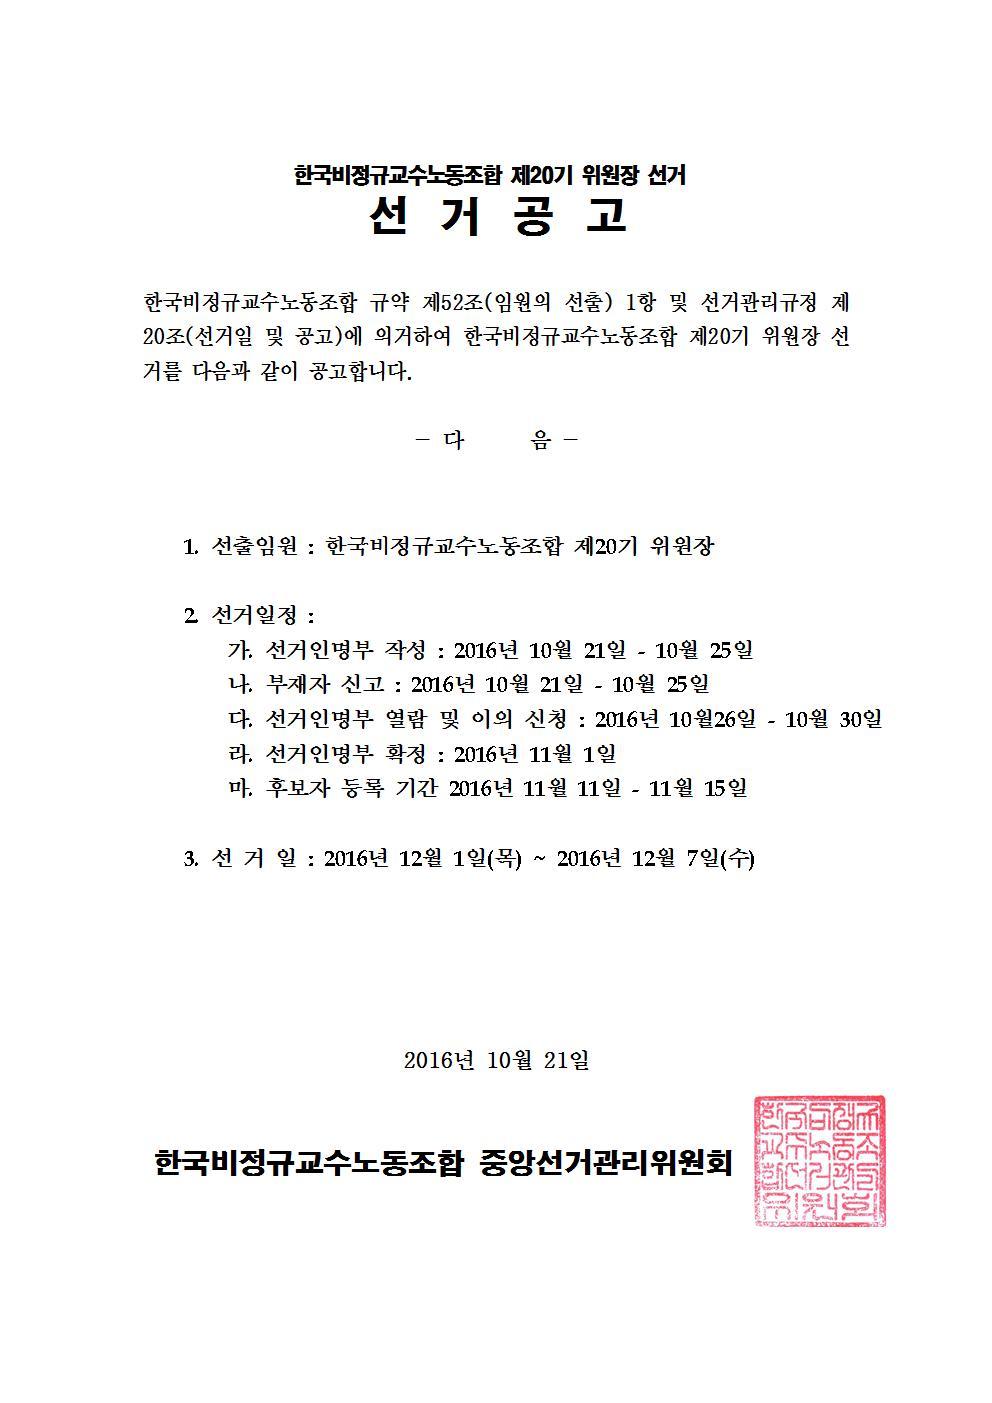 한국비정규교수노동조합 제20기 위원장 선거 jpg001.jpg